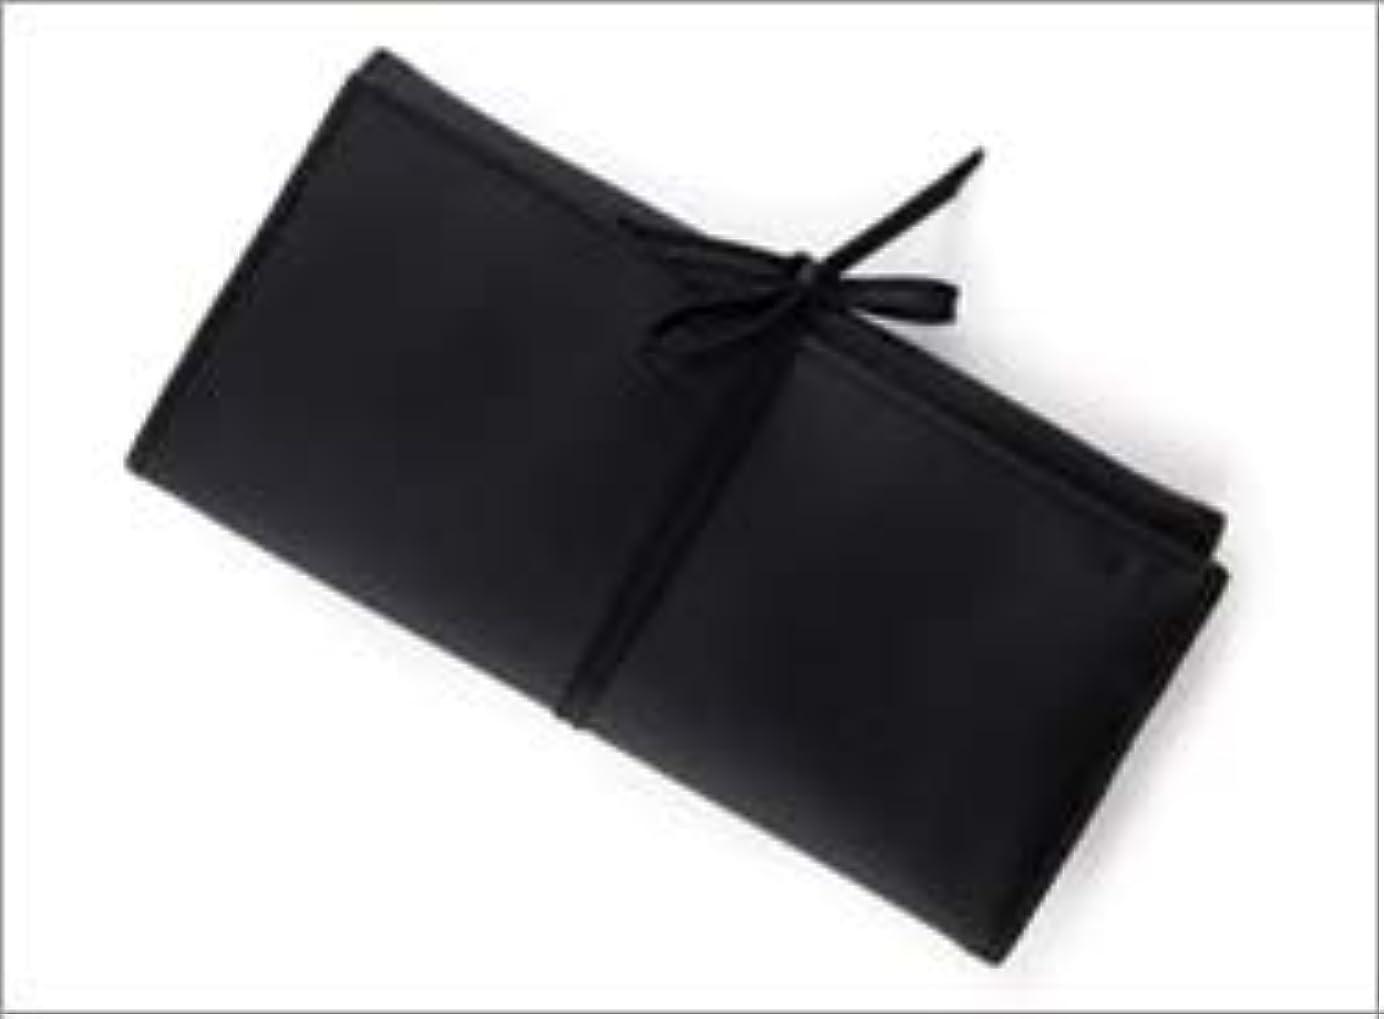 急行する橋脚父方の熊野筆 竹宝堂 正規品 ブラシケース(化粧ポーチ) C-24 材質:ナイロン(三つ折り) 広島 化粧筆